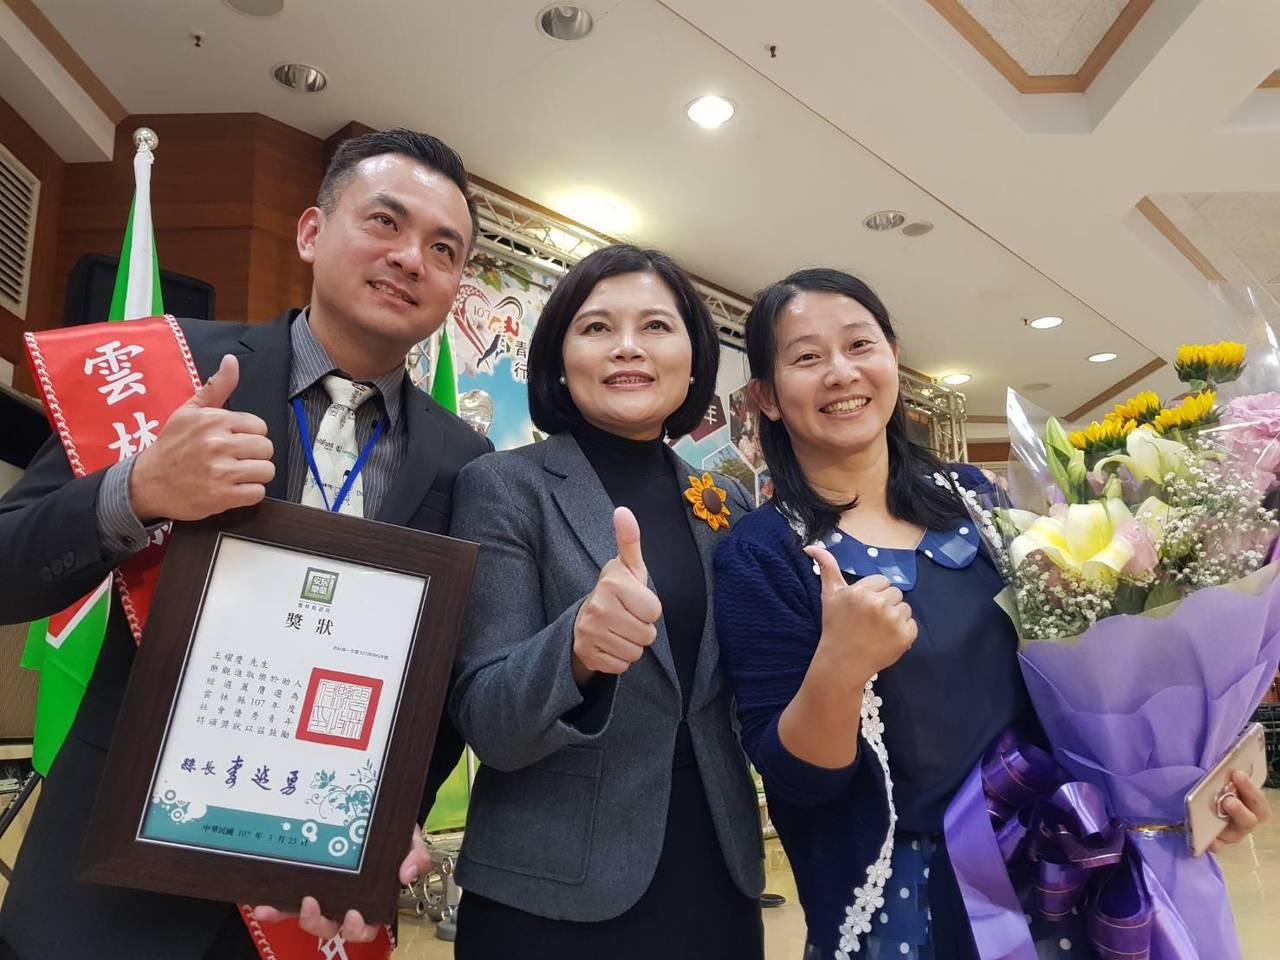 雲林家扶中心社工督導王耀慶(左)與妻子莊芯雅(右)從大學開始交往,二人更一起攜手...